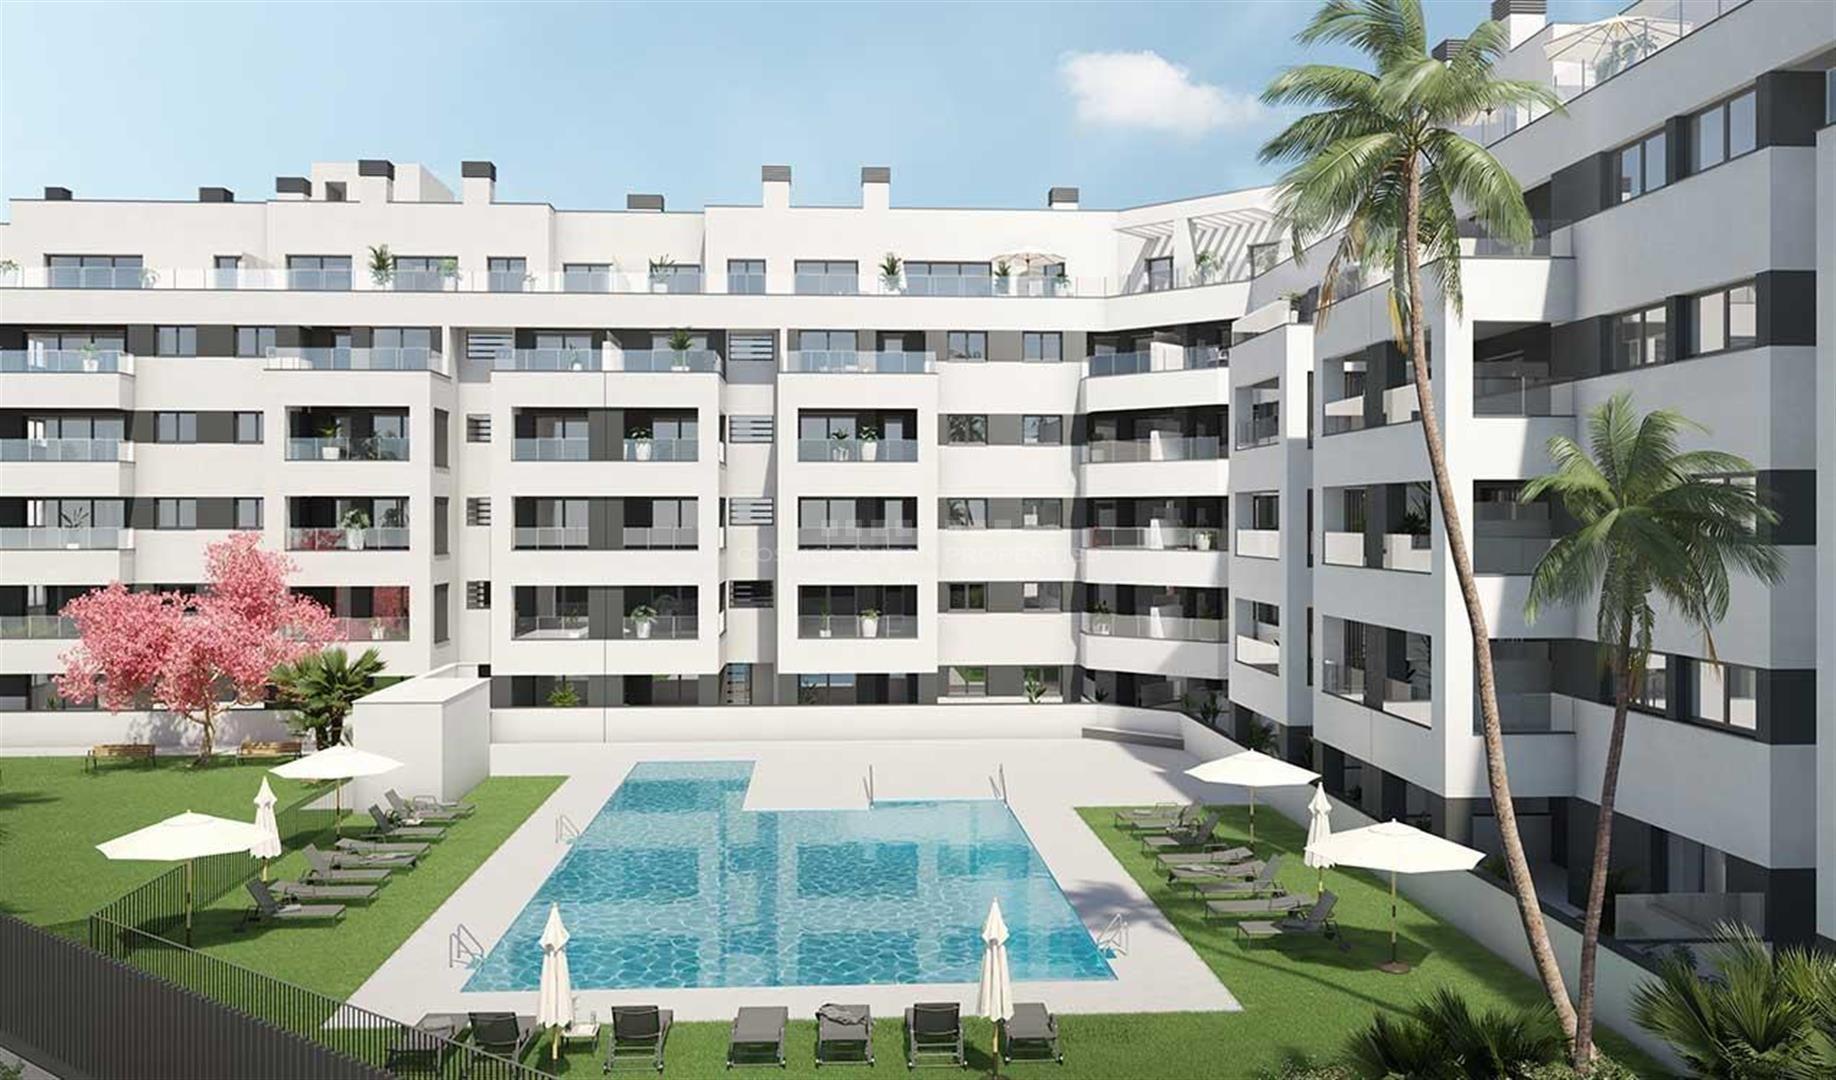 Célere Port Avenue es un conjunto residencial pensado para tu comodidad y la de los tuyos, un lugar idóneo donde vivir con tu familia, situado en Marbella Centro.